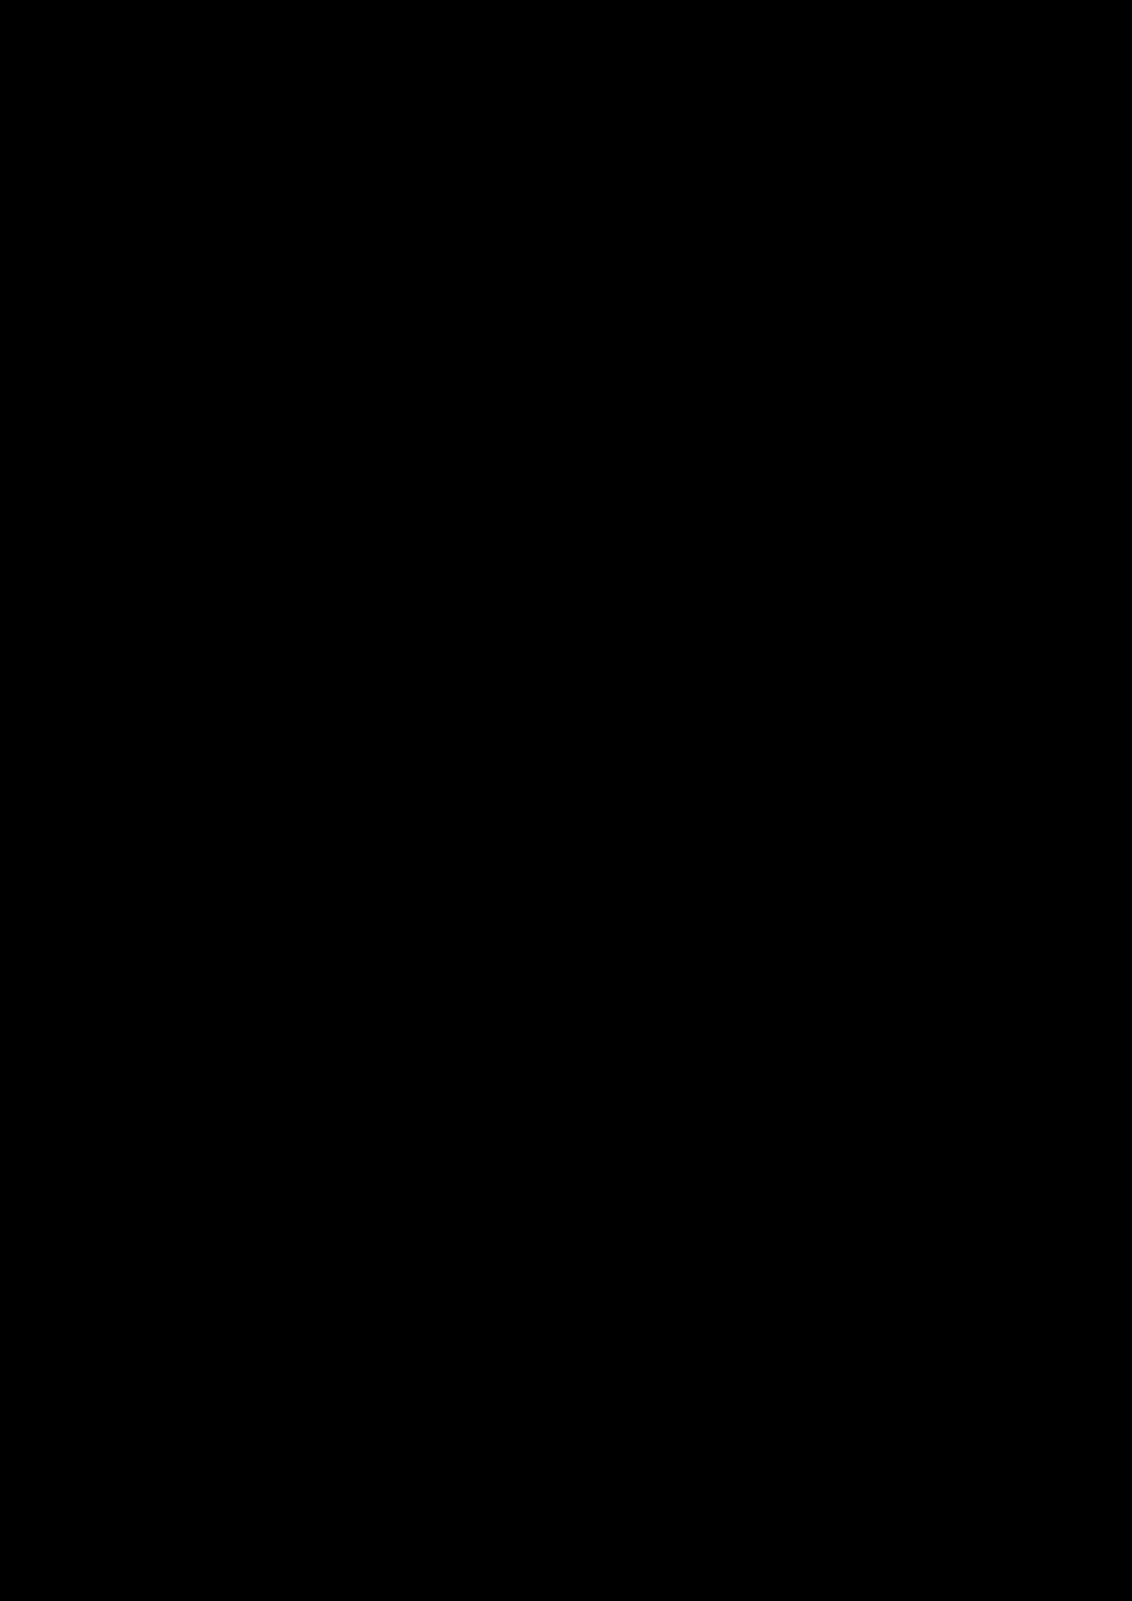 Vyibor Est slide, Image 15